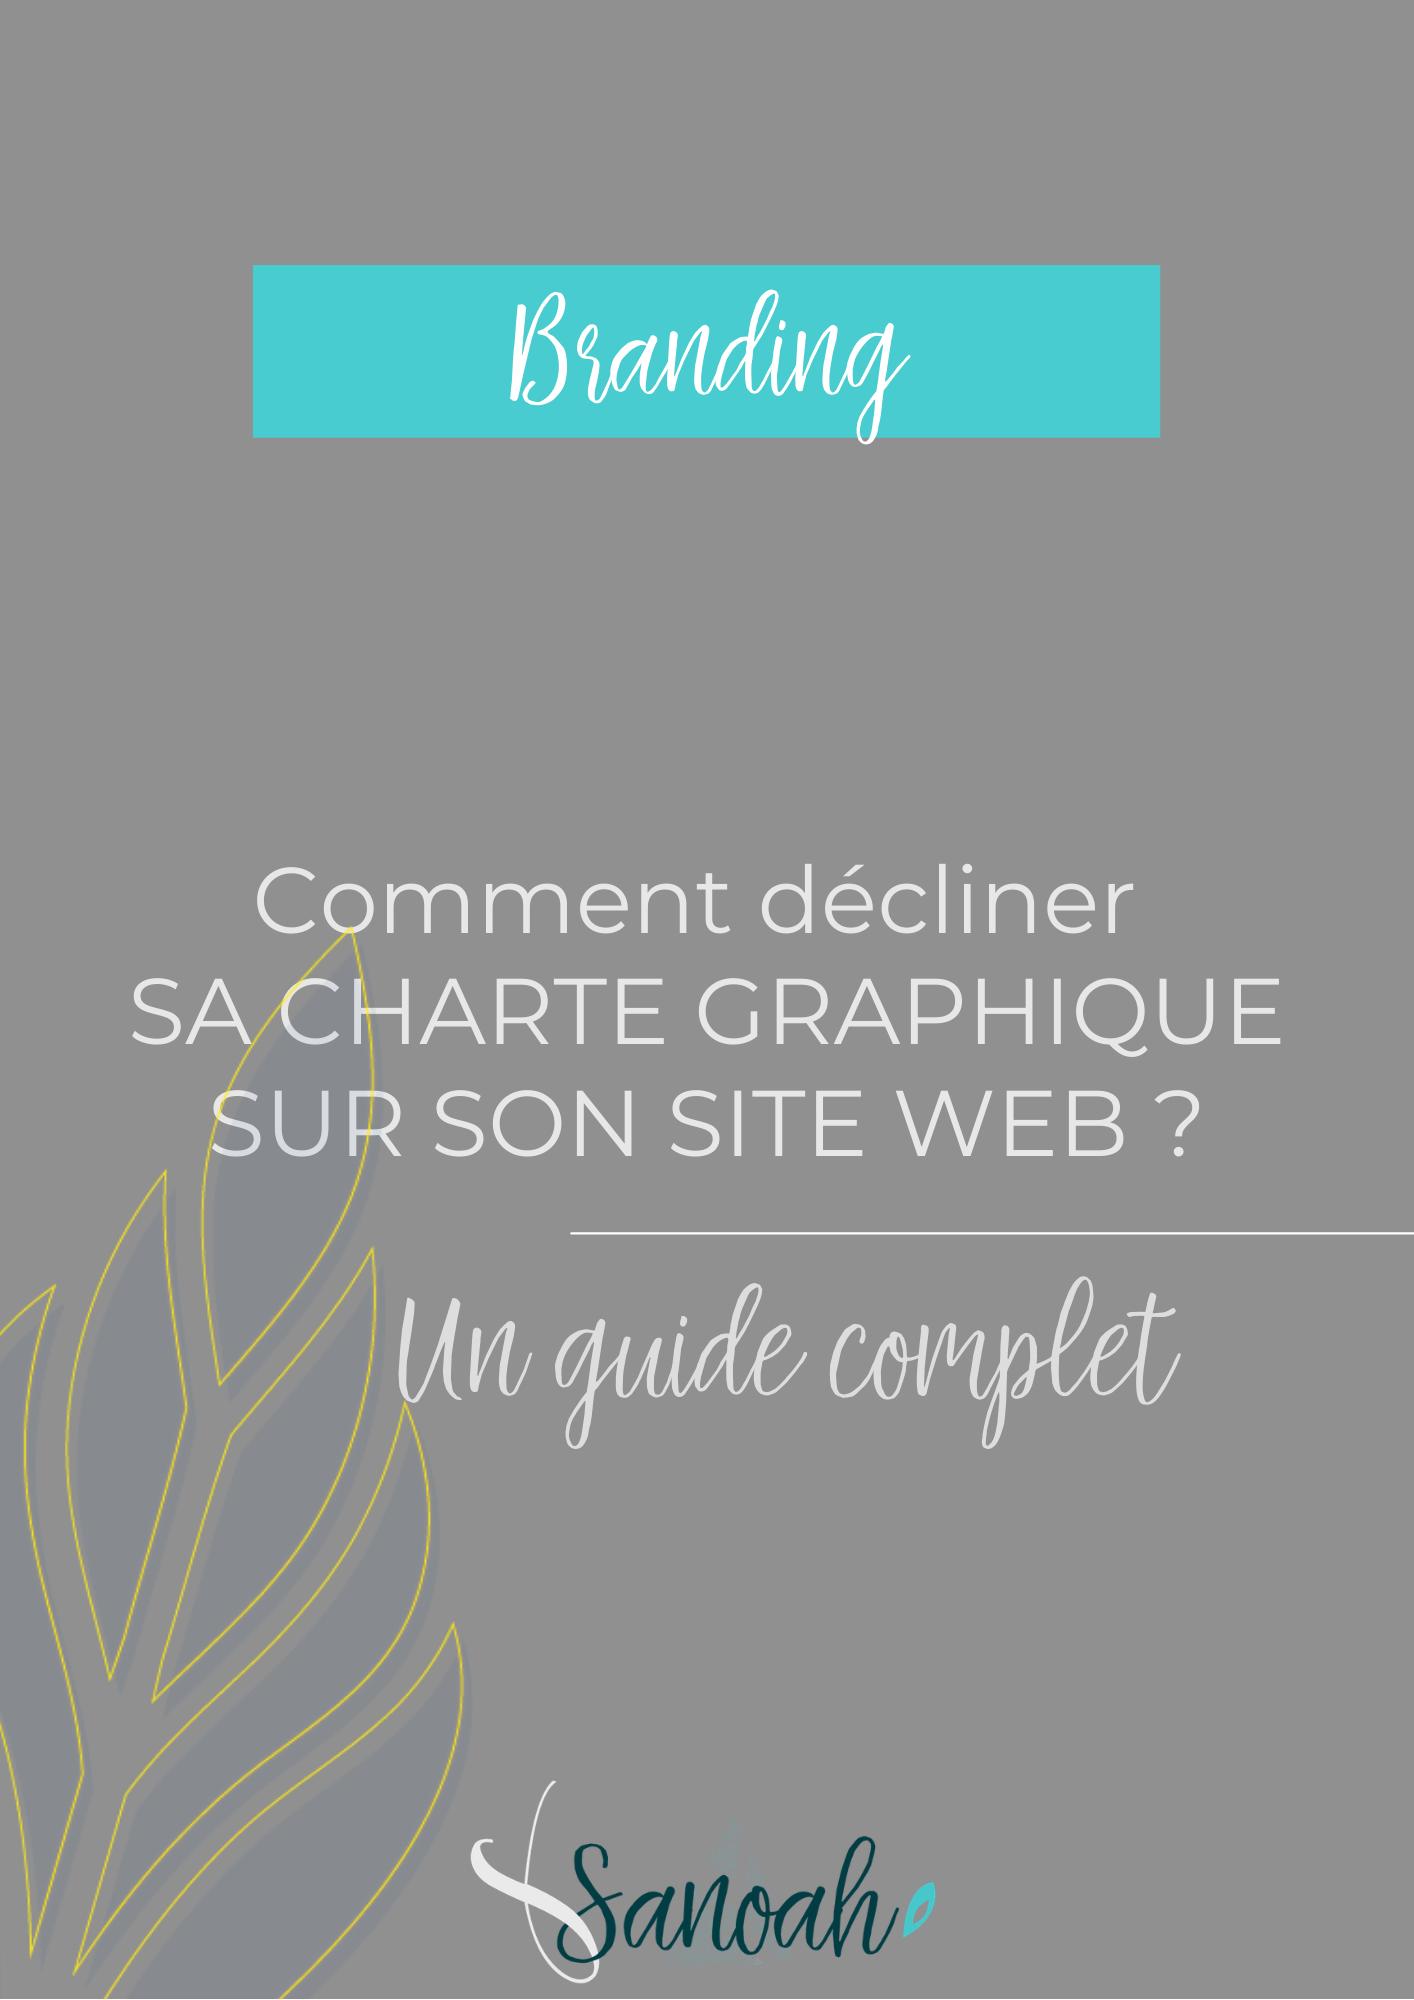 Comment décliner sa charte graphique sur son site web_un guide complet